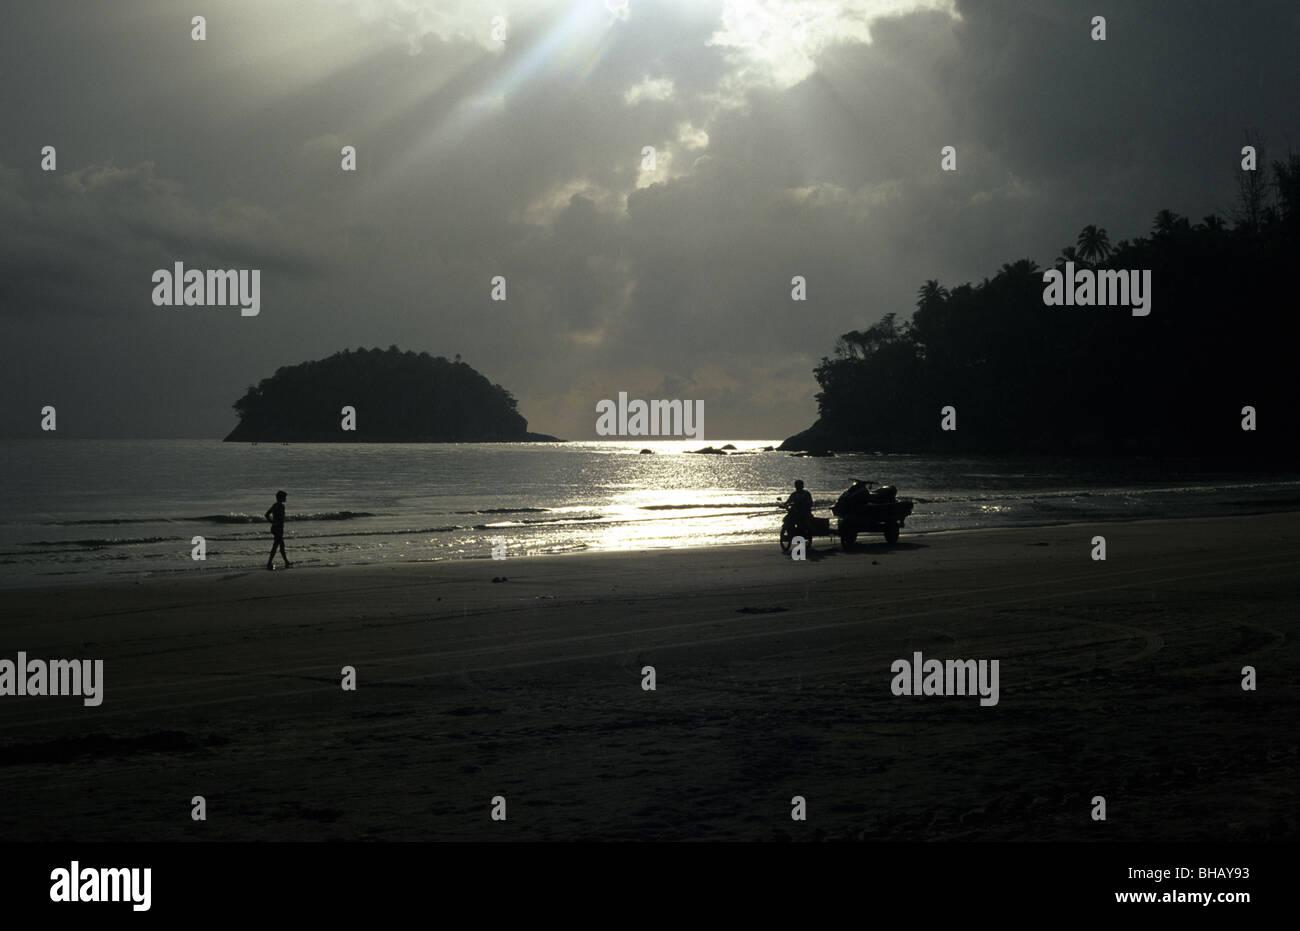 Sunsetting on Karon Beach in Phuket, Thailand Stock Photo